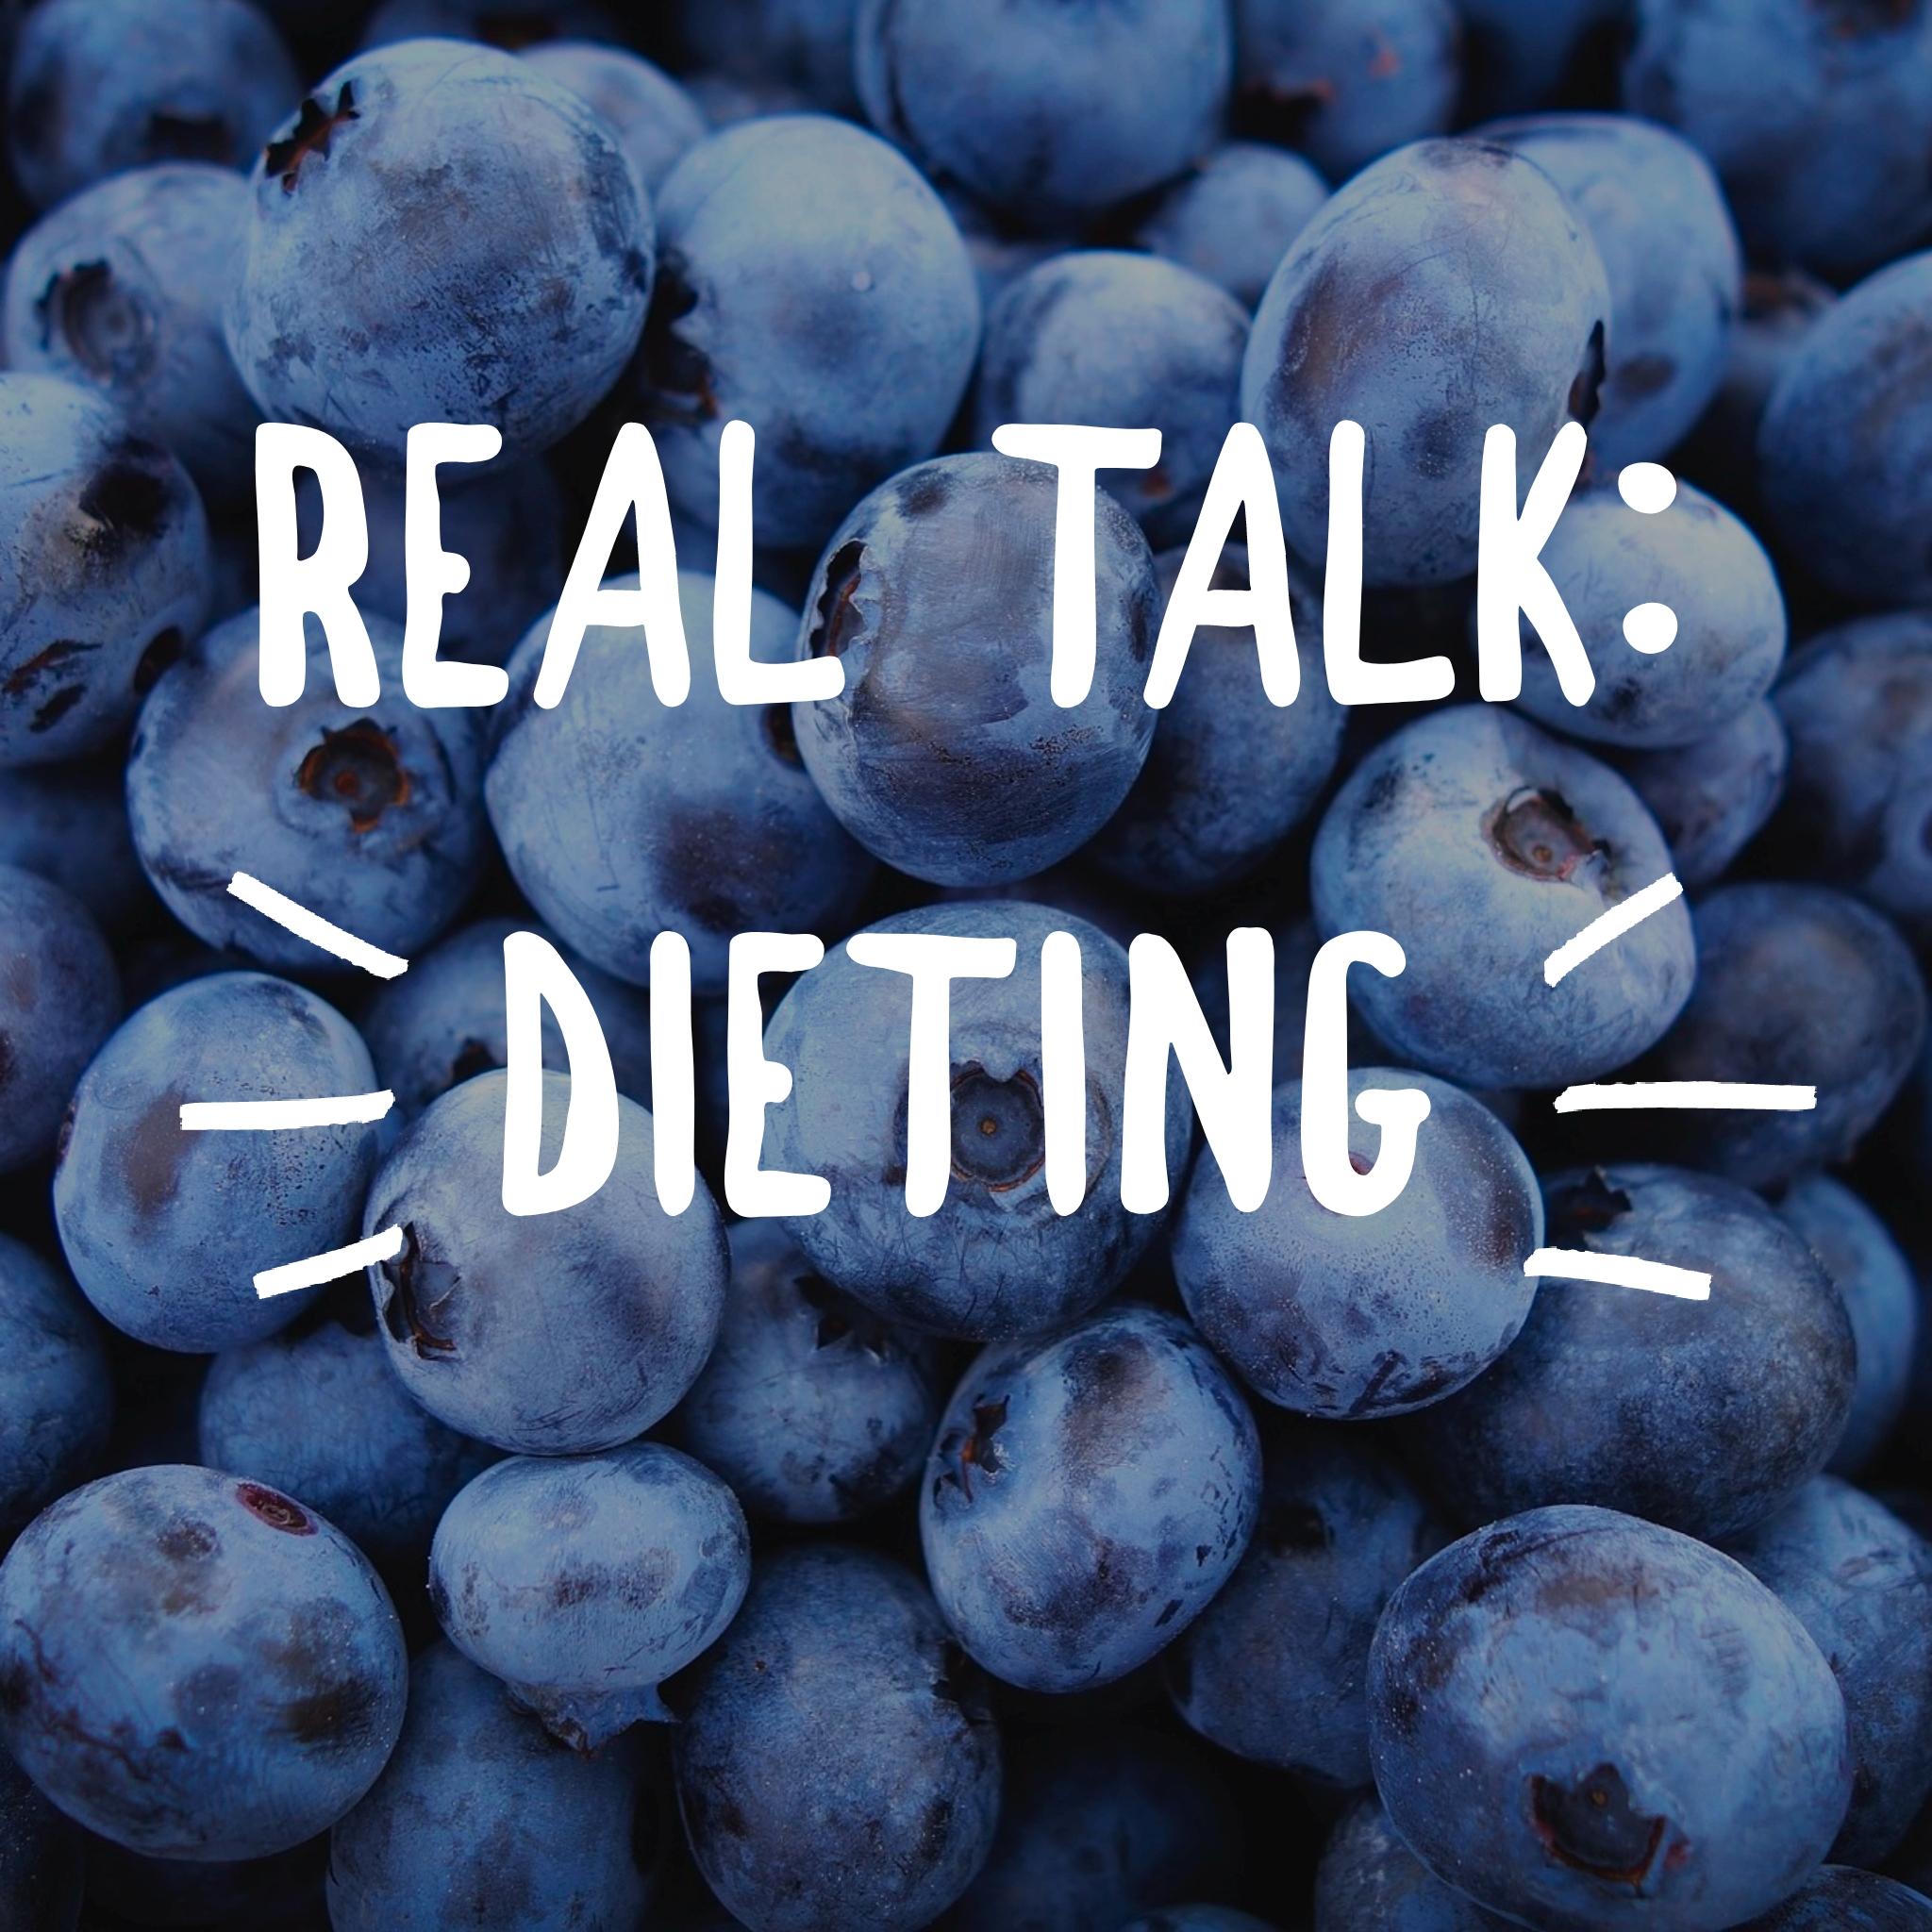 Real talk dieting (wordswag).jpg